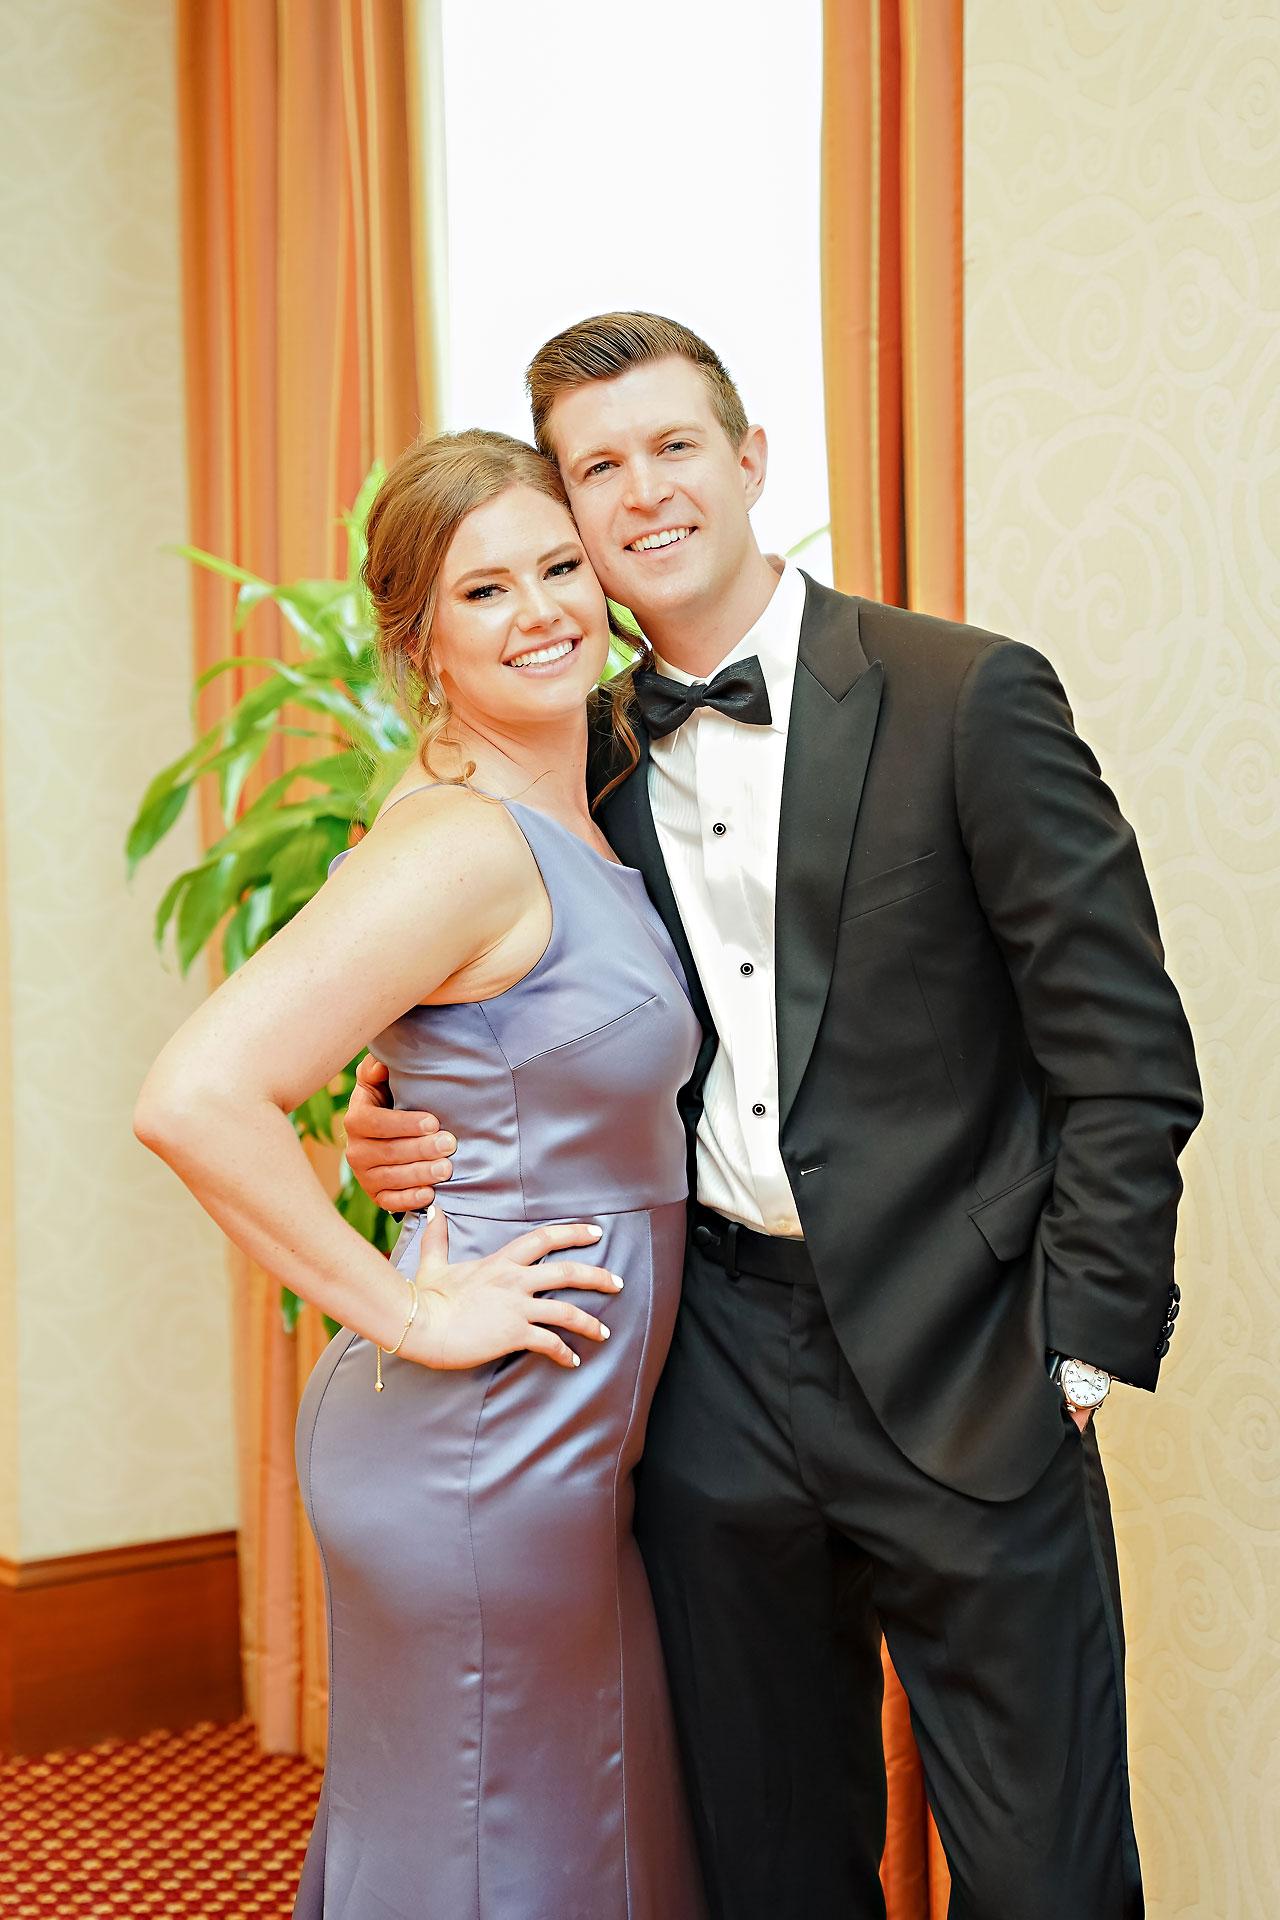 Liz Zach Conrad Artsgarden Indianapolis Wedding 182